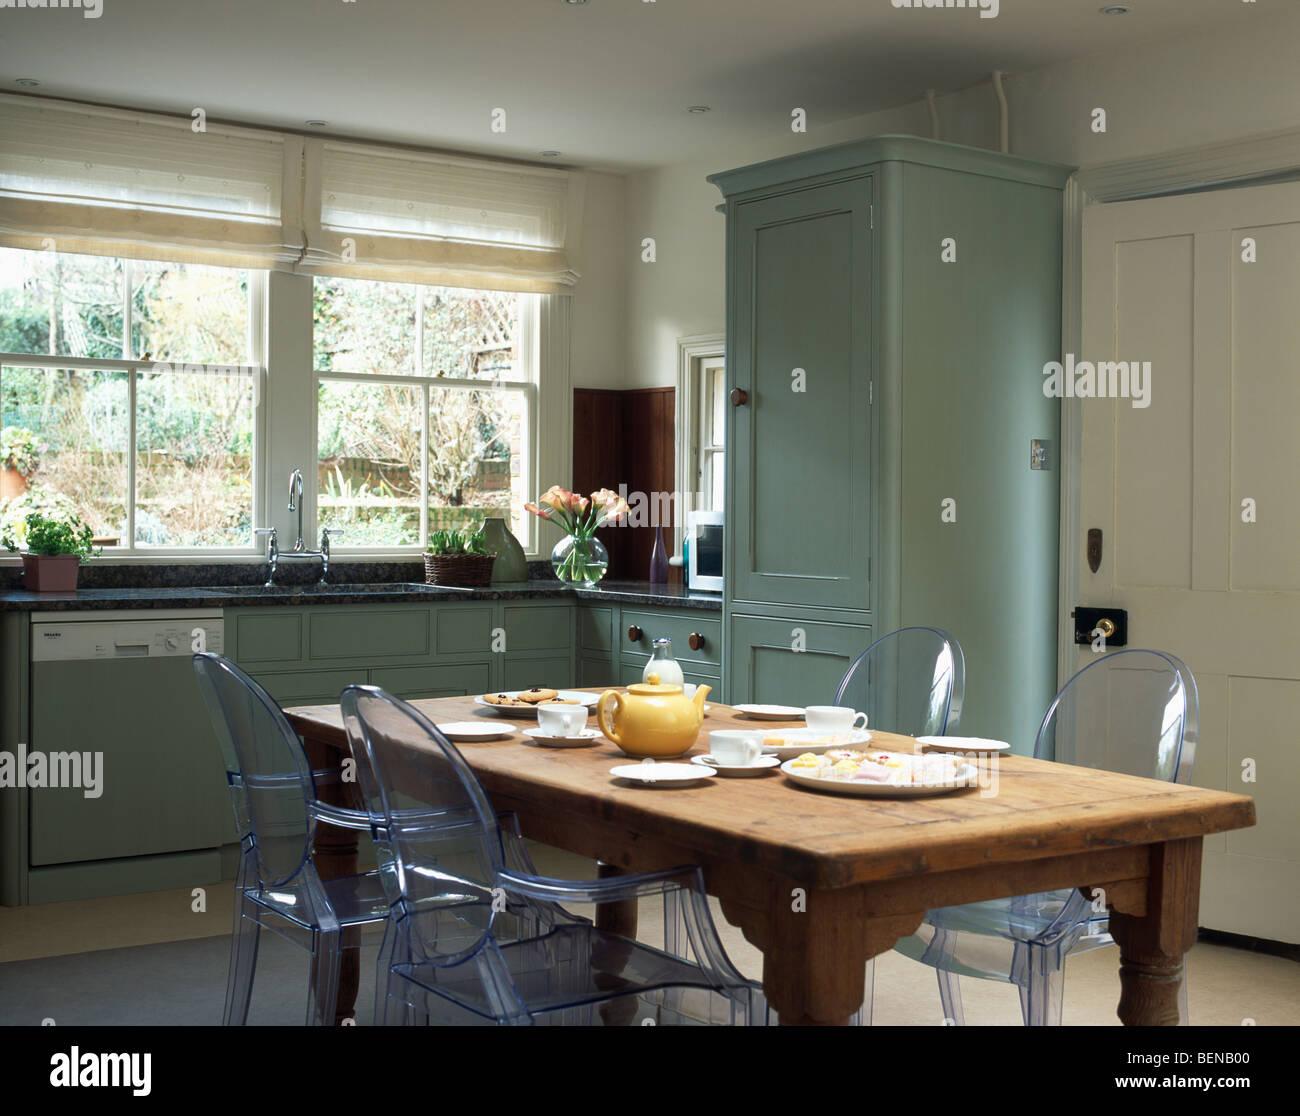 Chaises Ghost Philippe Starck A Lancienne Table En Pin Pays Cuisine Avec Fenetre Et Unites Turquoise Montes Stores Creme